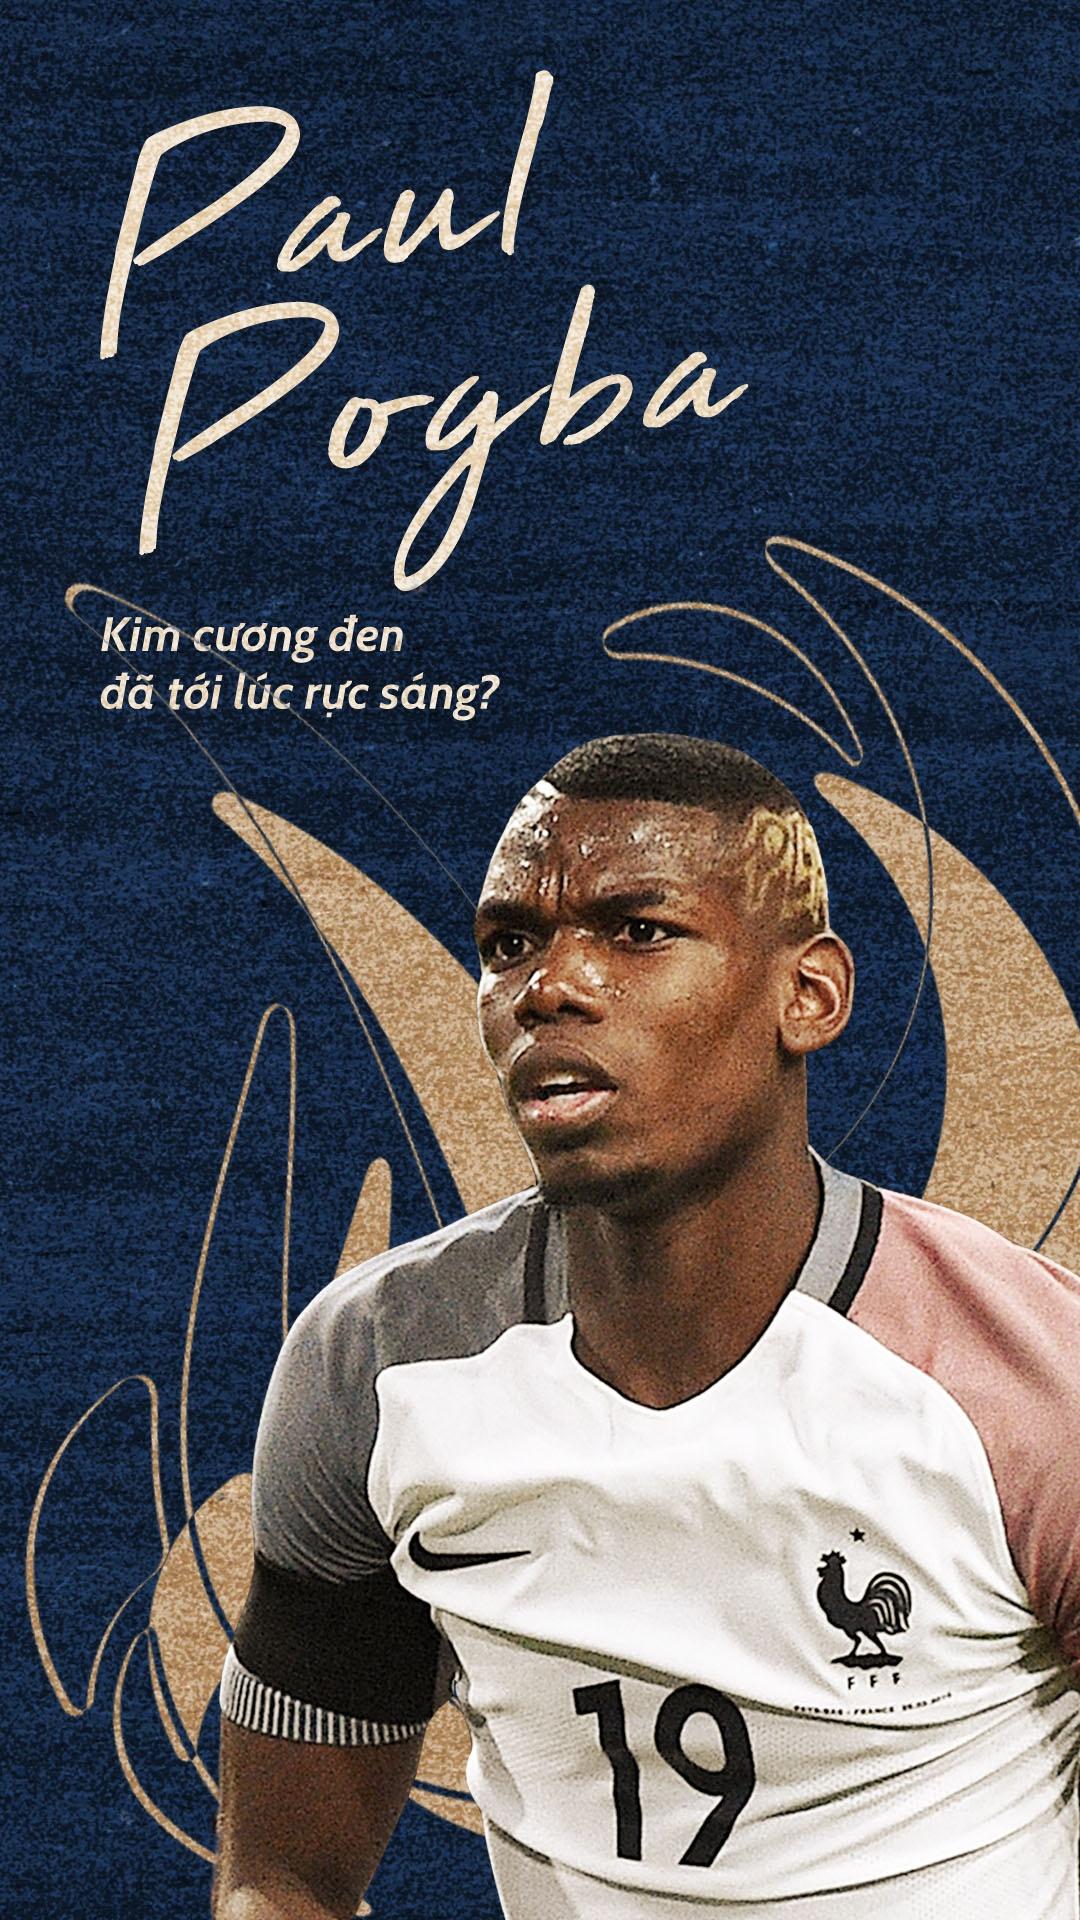 Paul Pogba: Kim cuong den da toi luc ruc sang? hinh anh 1